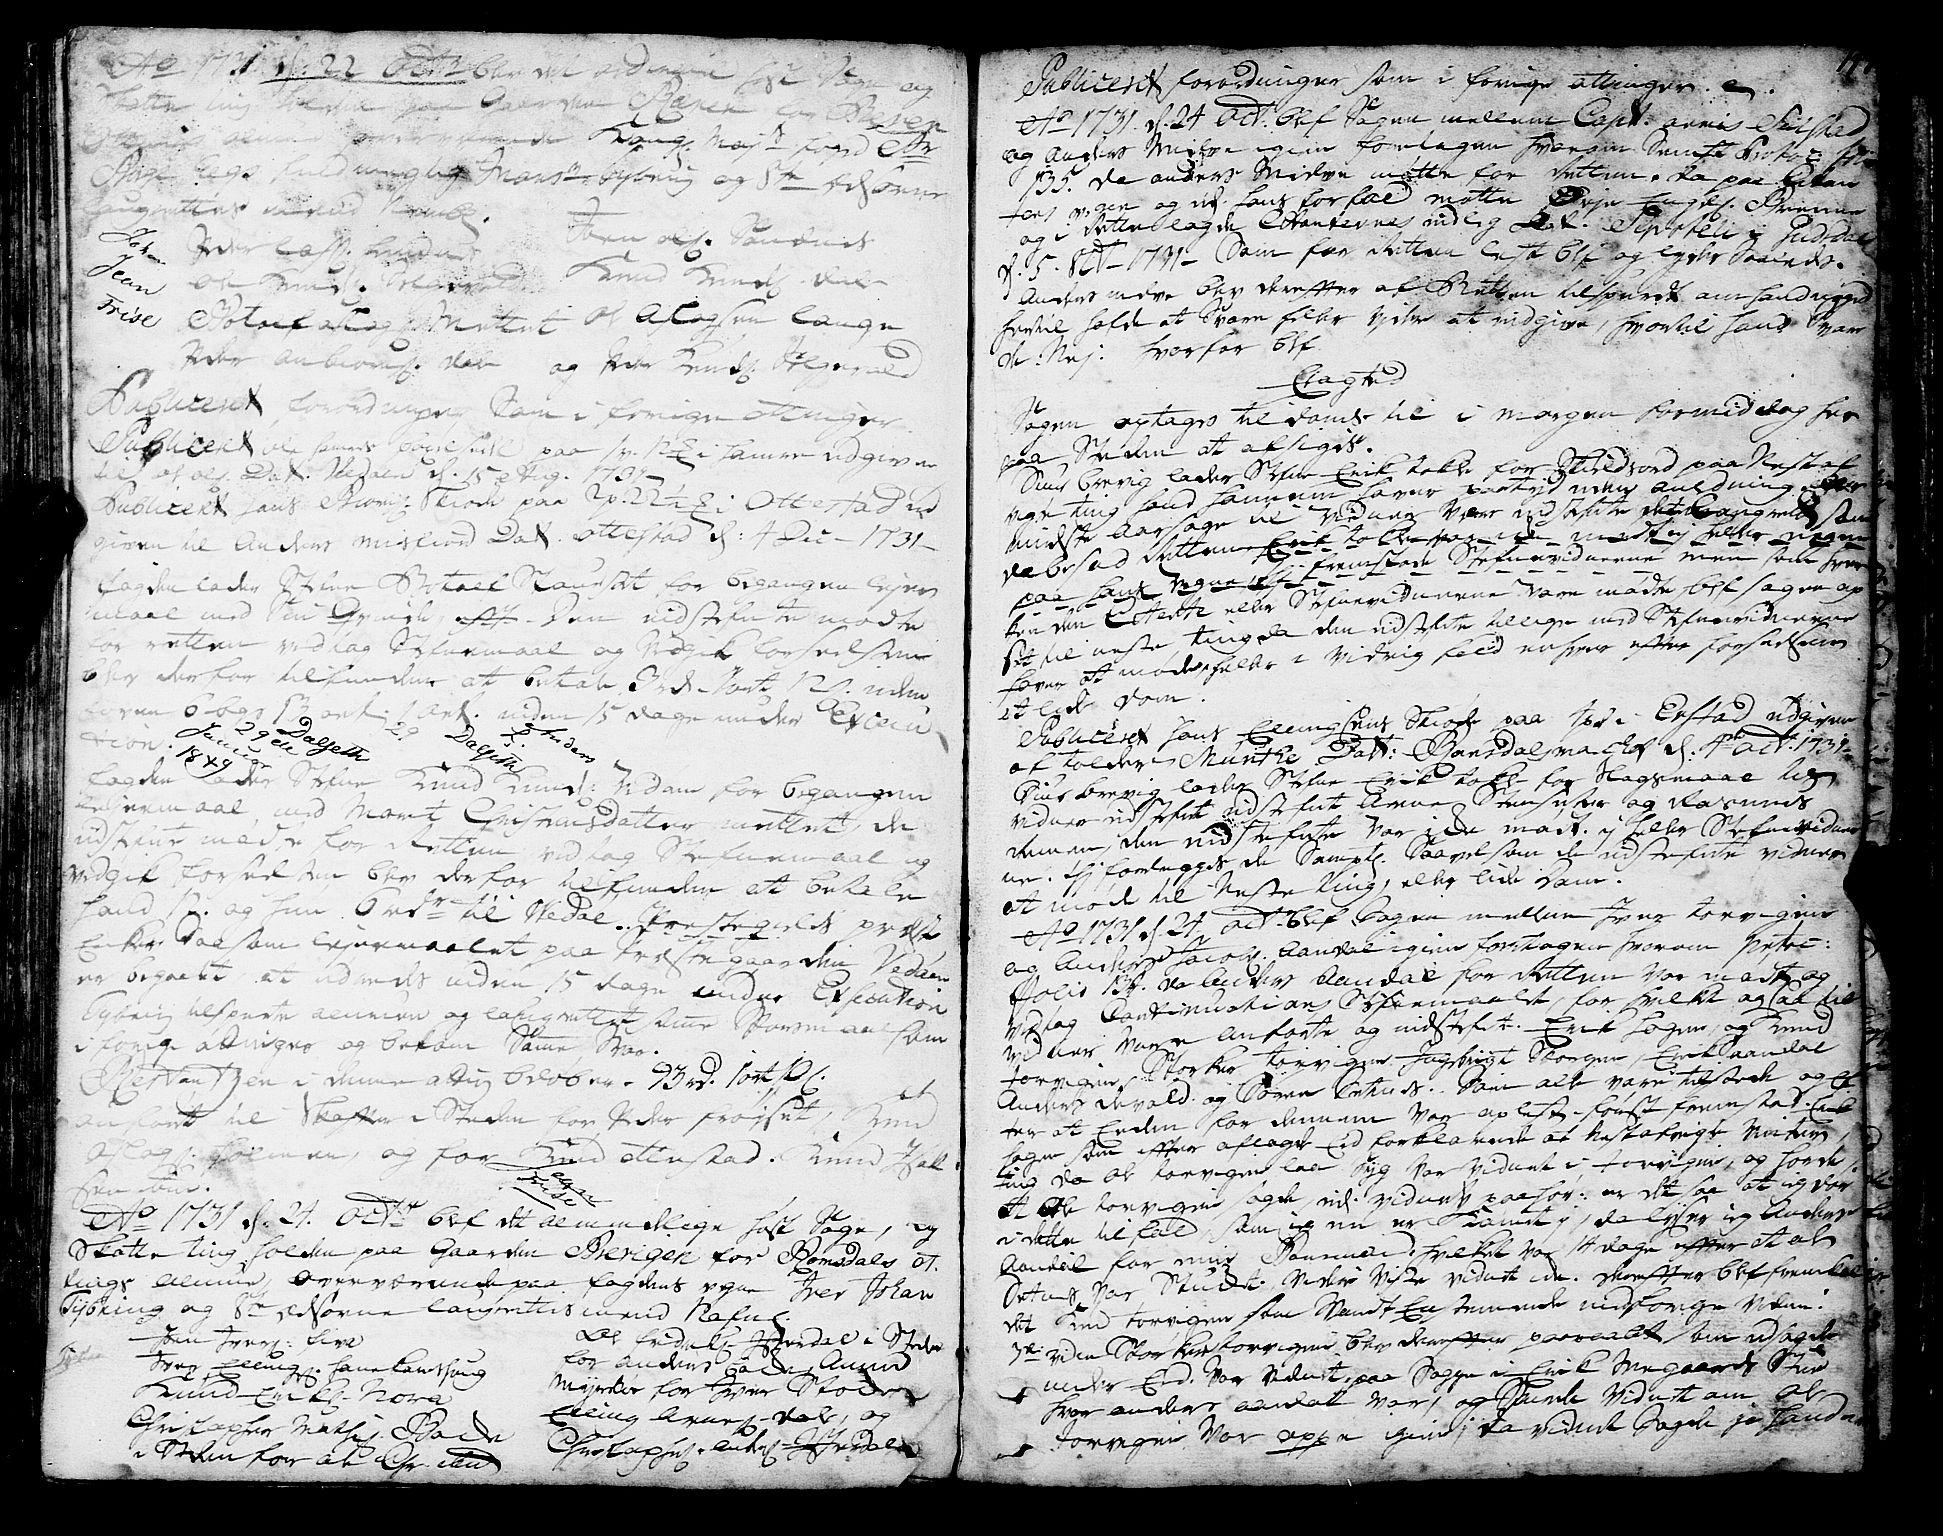 SAT, Romsdal sorenskriveri, 1/1A/L0010: Tingbok, 1728-1732, s. 147